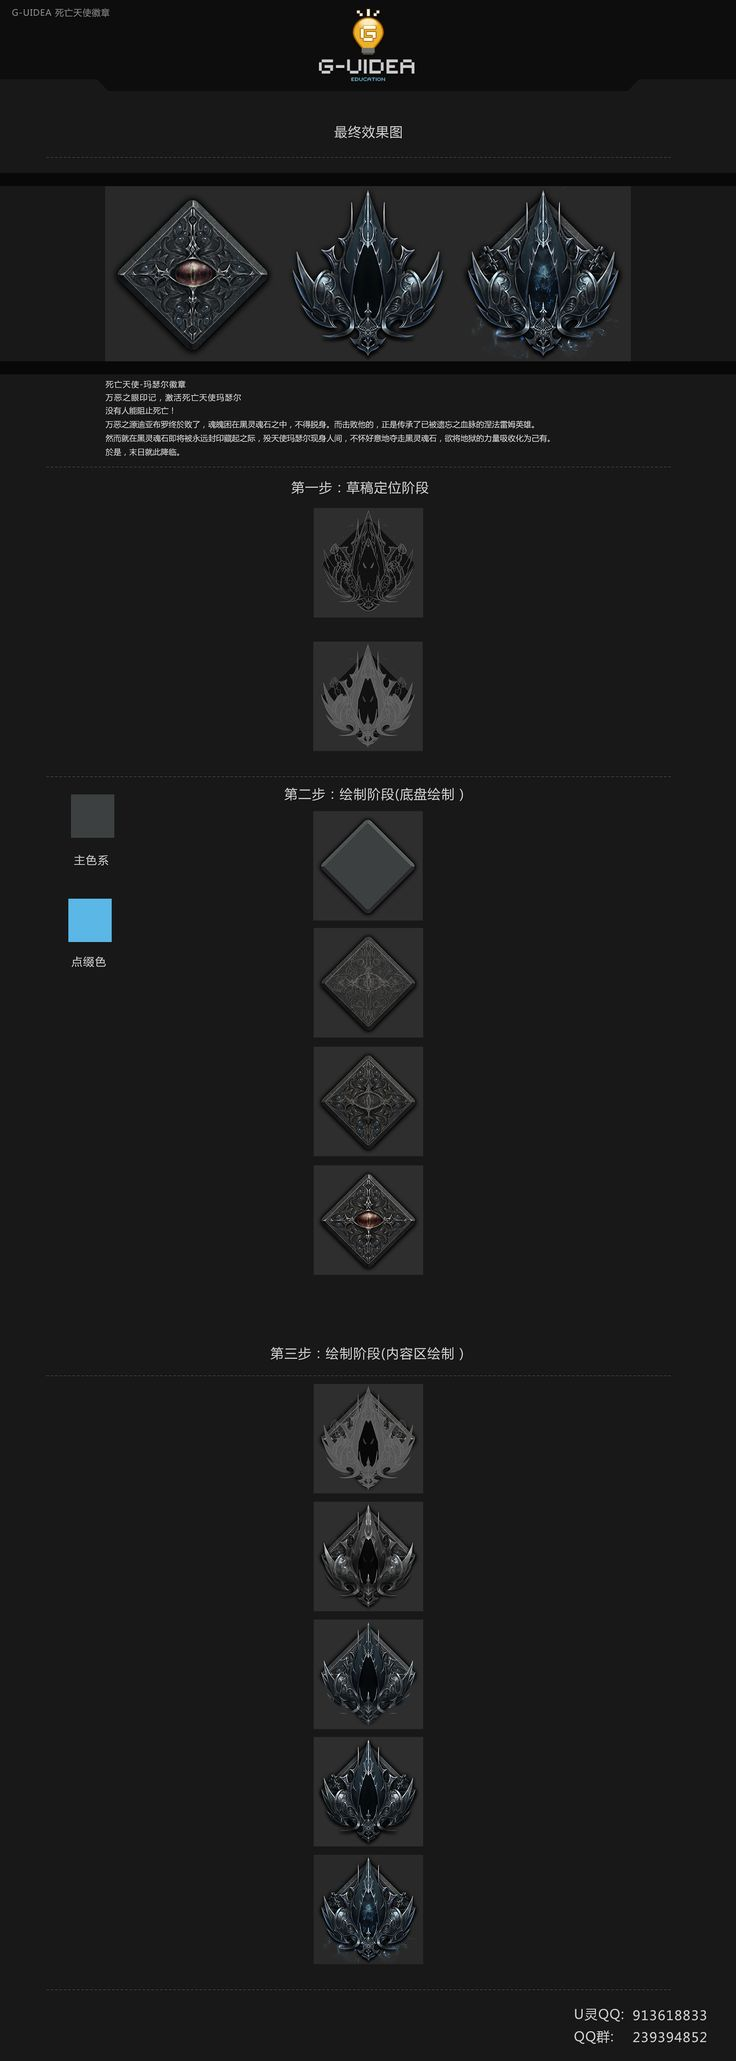 【G-UIDEA】死亡天使徽章设计及教程 |GAMEUI- 游戏设计圈聚集地 | 游戏UI | 游戏界面 | 游戏图标 | 游戏网站 | 游戏群 | 游戏设计